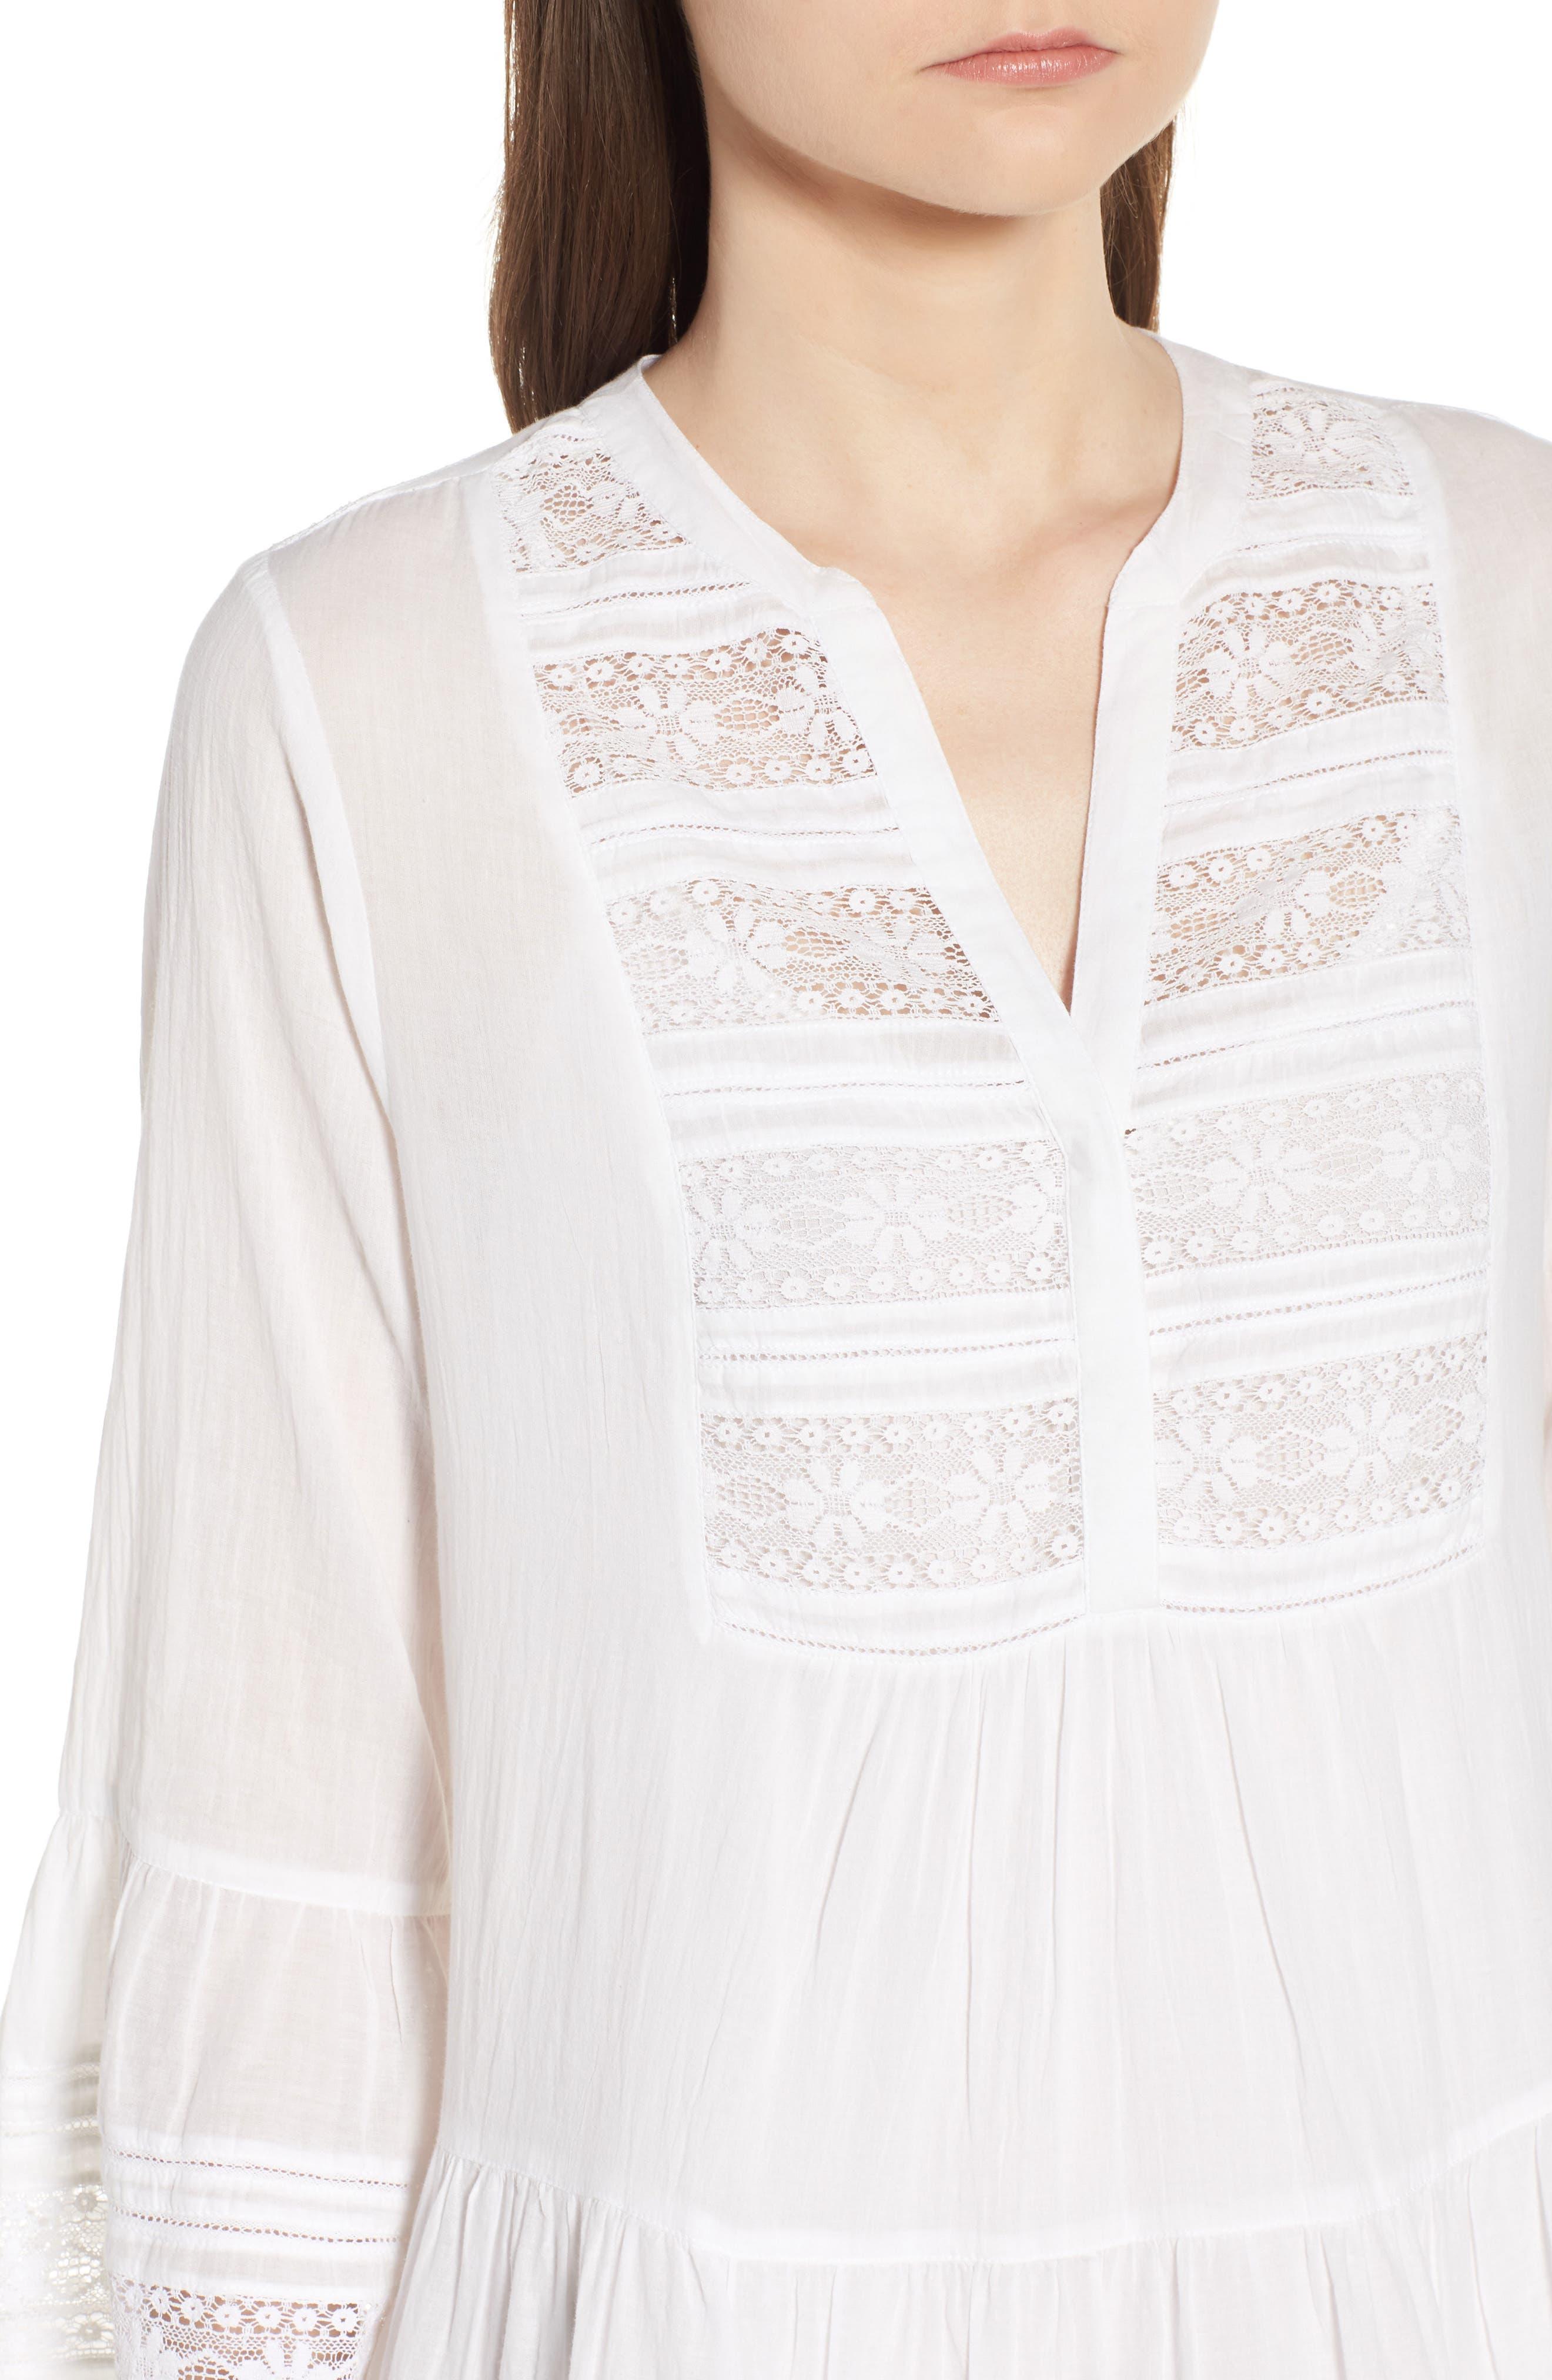 Lace Inset Cotton Gauze Dress,                             Alternate thumbnail 4, color,                             100